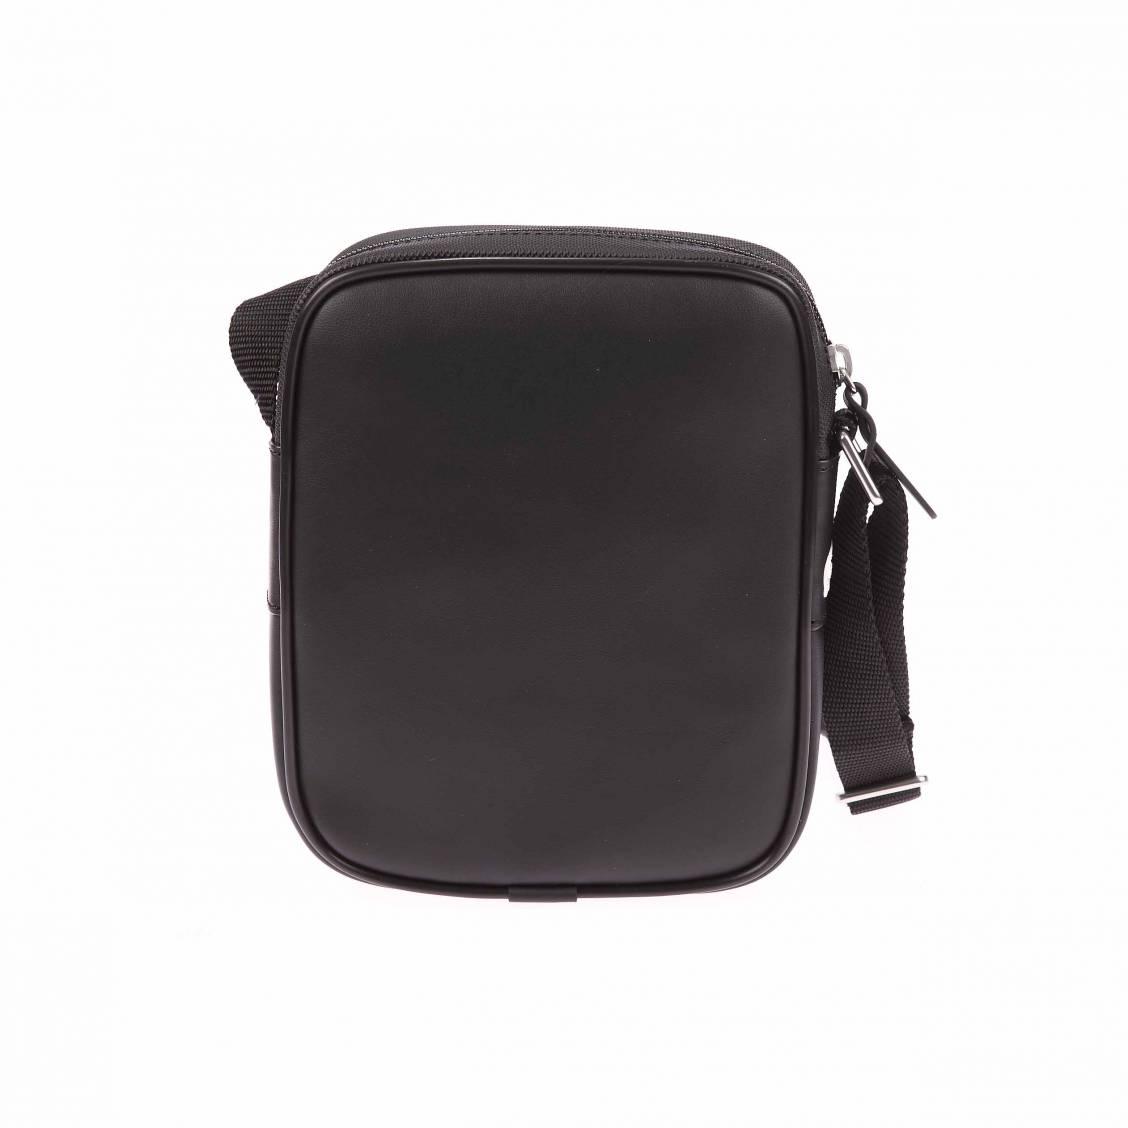 Sacoche Lacoste en PVC noir floqué en blanc pFD9Gvv8B